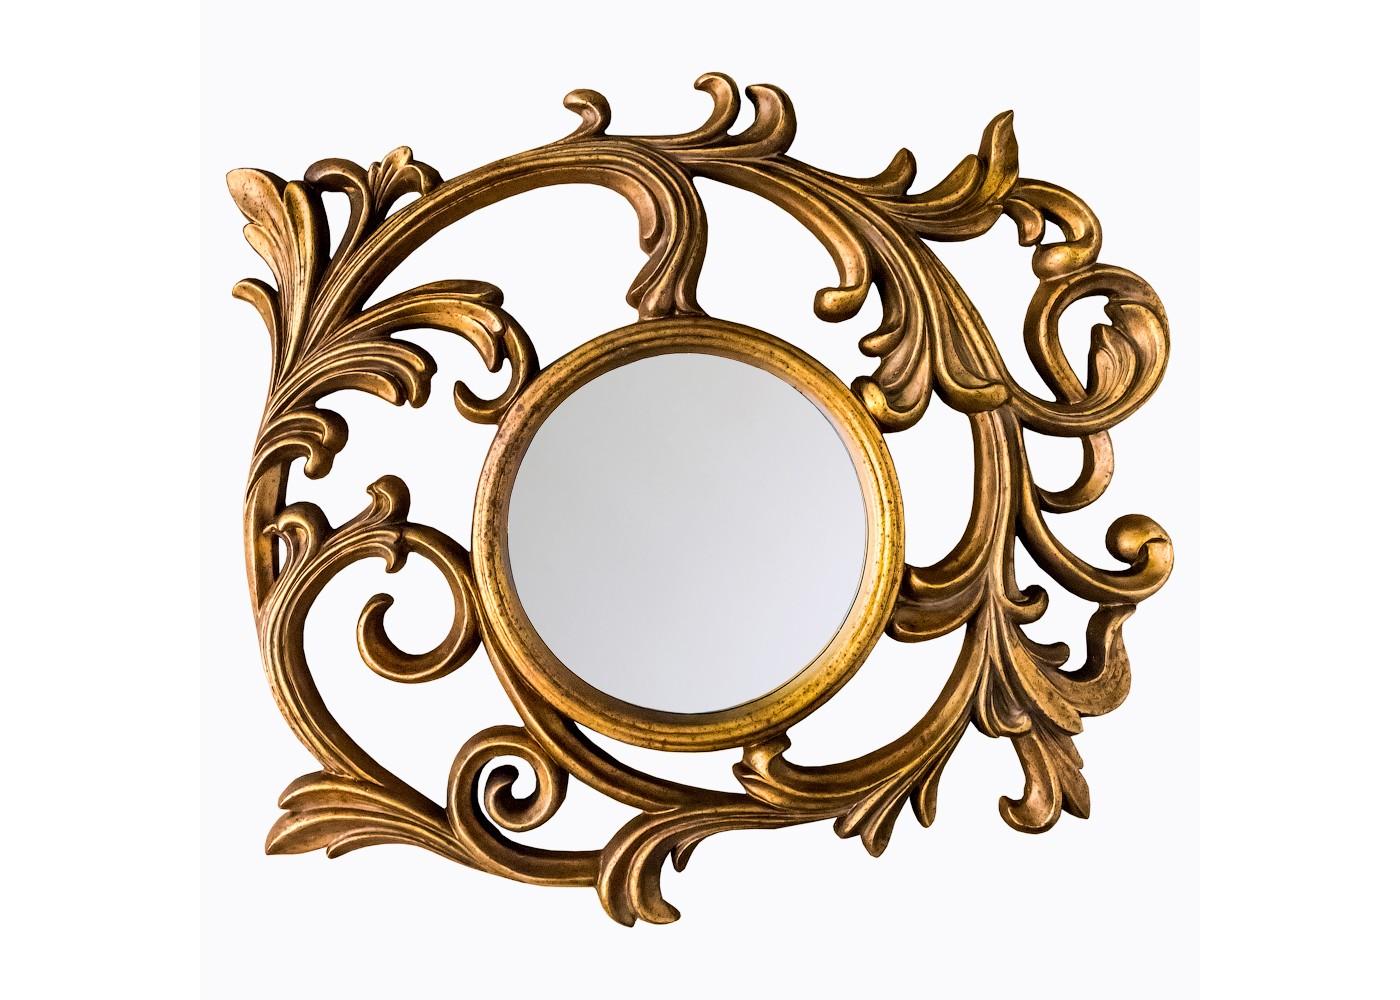 Настенное зеркало «Вертиго»Настенные зеркала<br>&amp;quot;Вертиго&amp;quot; ? превосходный акцент для роскошного барокко, изнеженного ар-нуво, парадного ренессанса и сенсационного эко-стиля. Классическая форма круга, несущая в себе гармонию, делает зеркало идеально подходящим для пространств любой архитектуры. Оригинальная рама, составленная витиеватыми растительными орнаментами, в водовороте изысканных элементов рождает особенно эффектное и чувственное оформление.&amp;lt;div&amp;gt;&amp;lt;br&amp;gt;&amp;lt;/div&amp;gt;&amp;lt;div&amp;gt;Размер рамы: 116?114?5 см.&amp;lt;/div&amp;gt;&amp;lt;div&amp;gt;Вес: 7,5 кг.&amp;lt;/div&amp;gt;<br><br>Material: Полиуретан<br>Width см: 116<br>Depth см: 5<br>Height см: 114